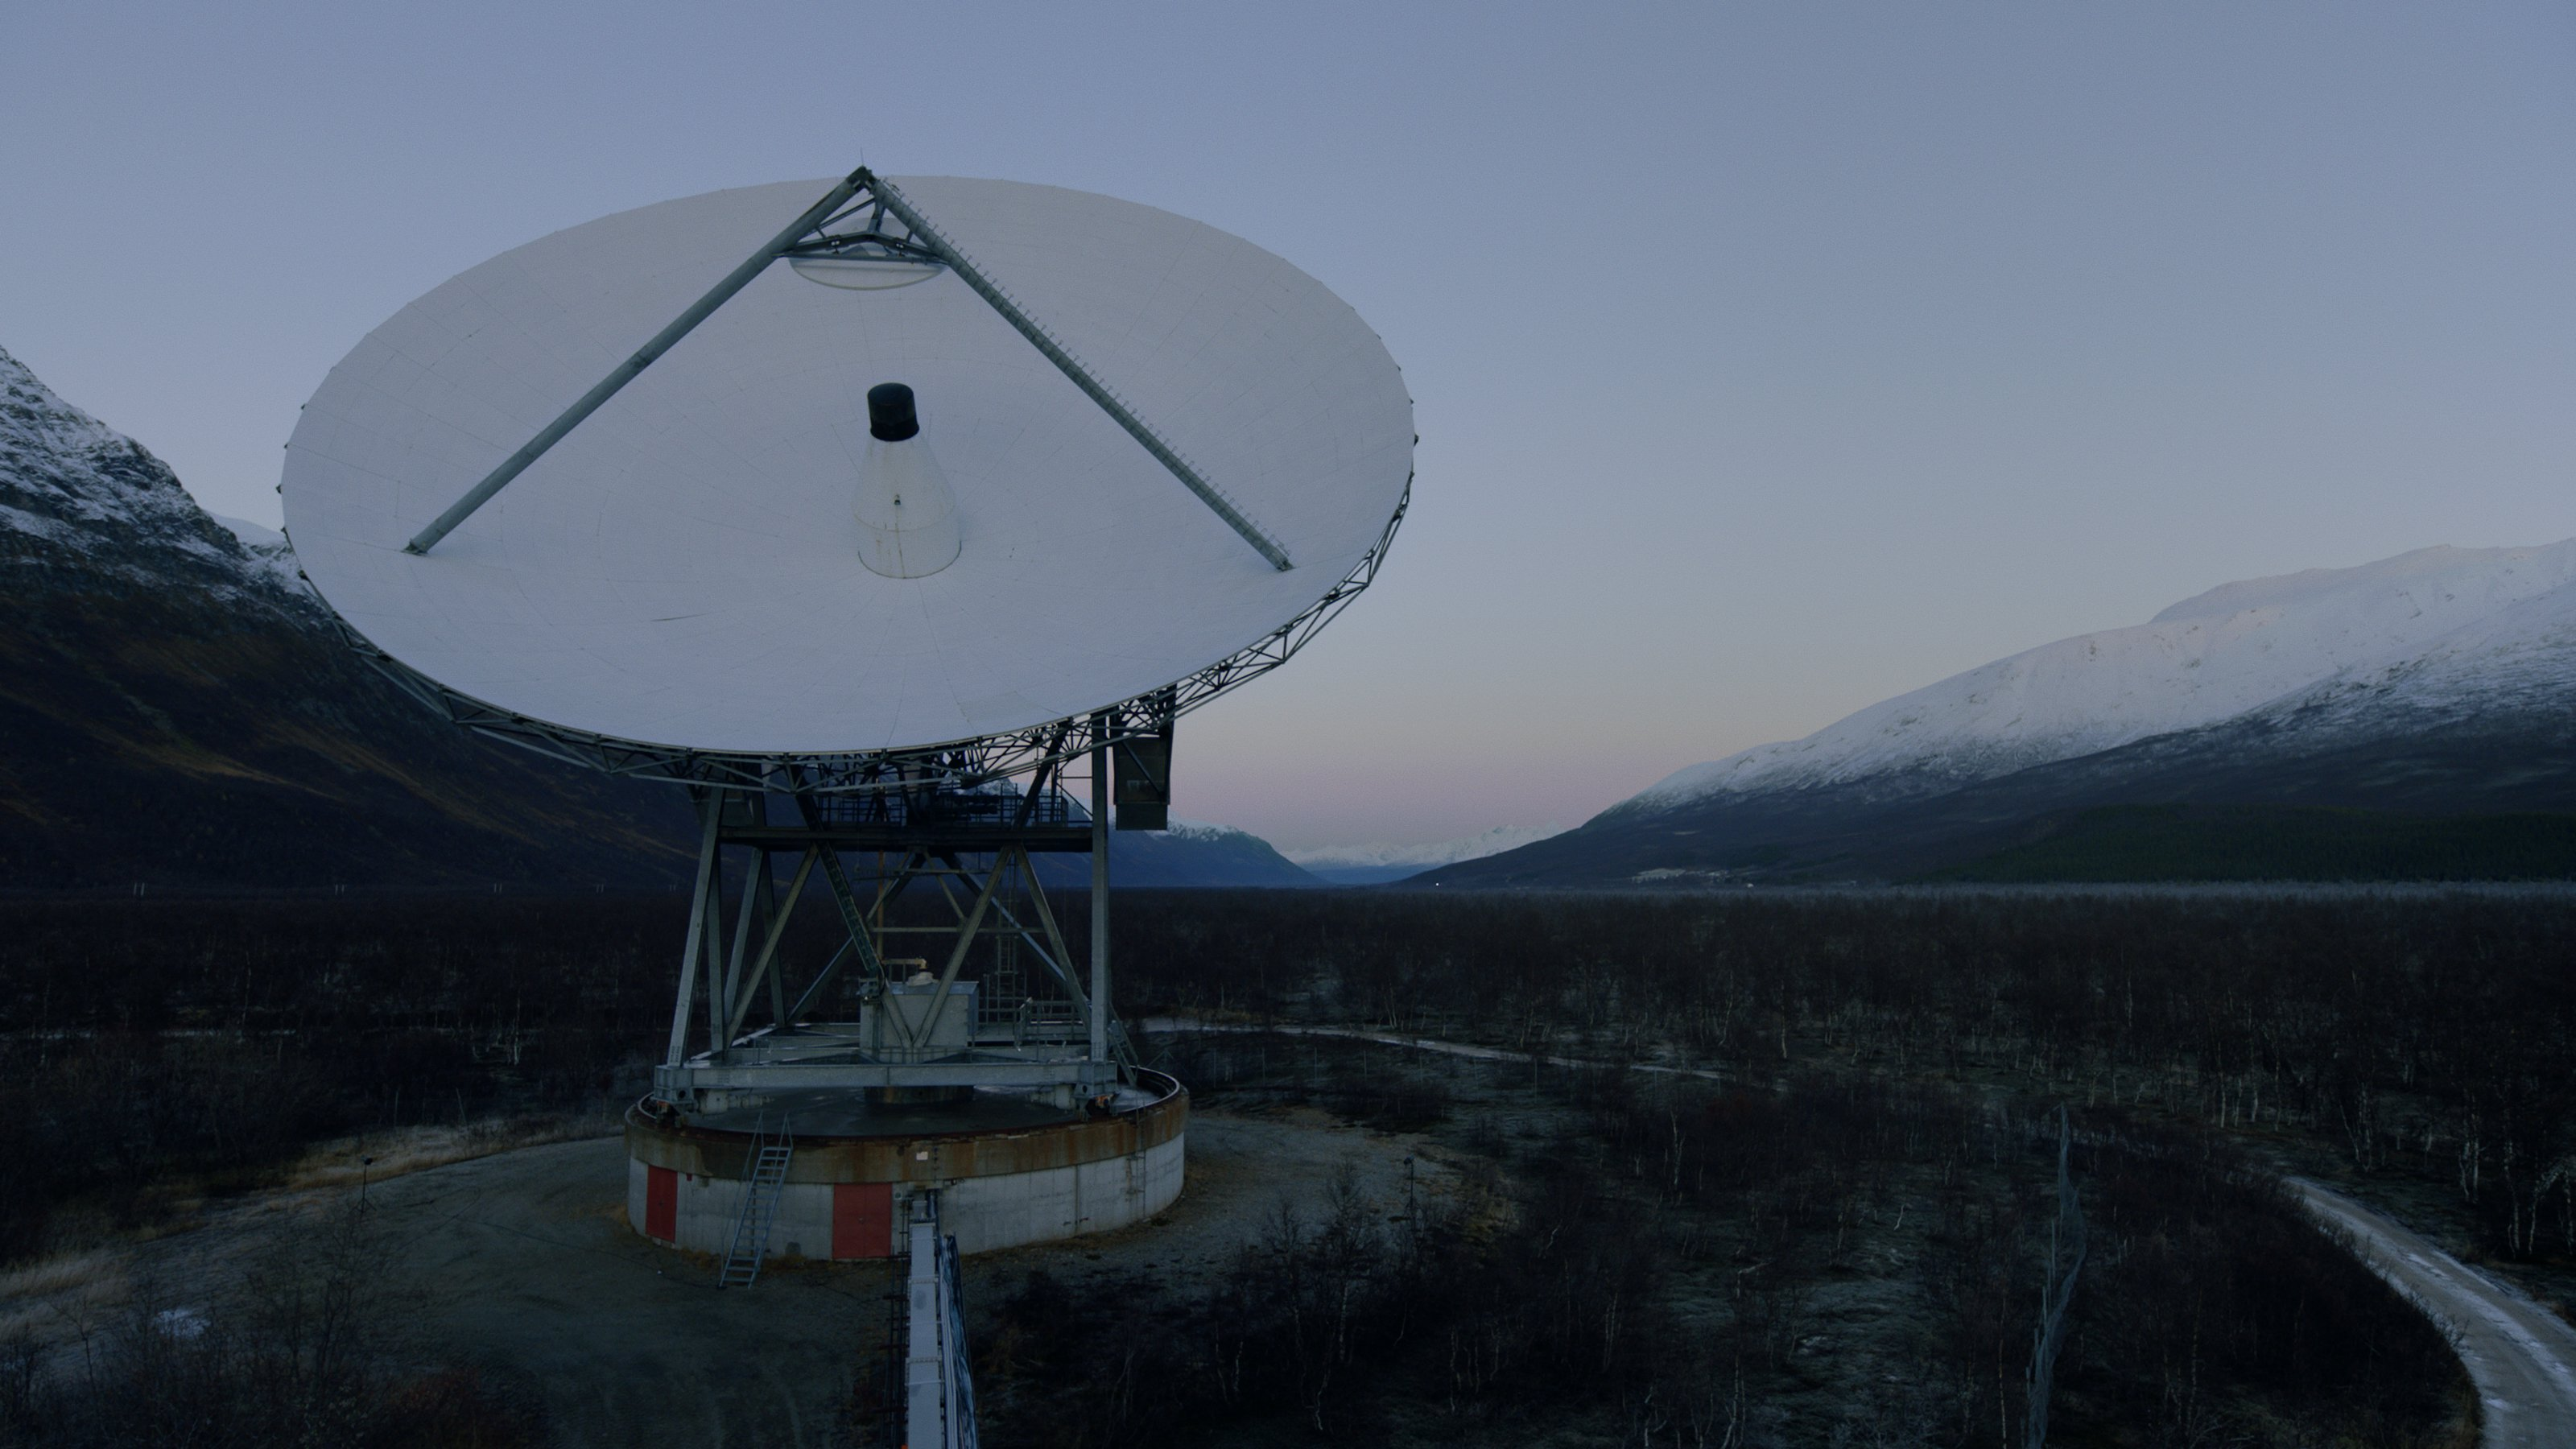 Sónar celebra su 25º aniversario con una llamada a la inteligencia extraterrestre spi4391 2970 sonar 2018 1